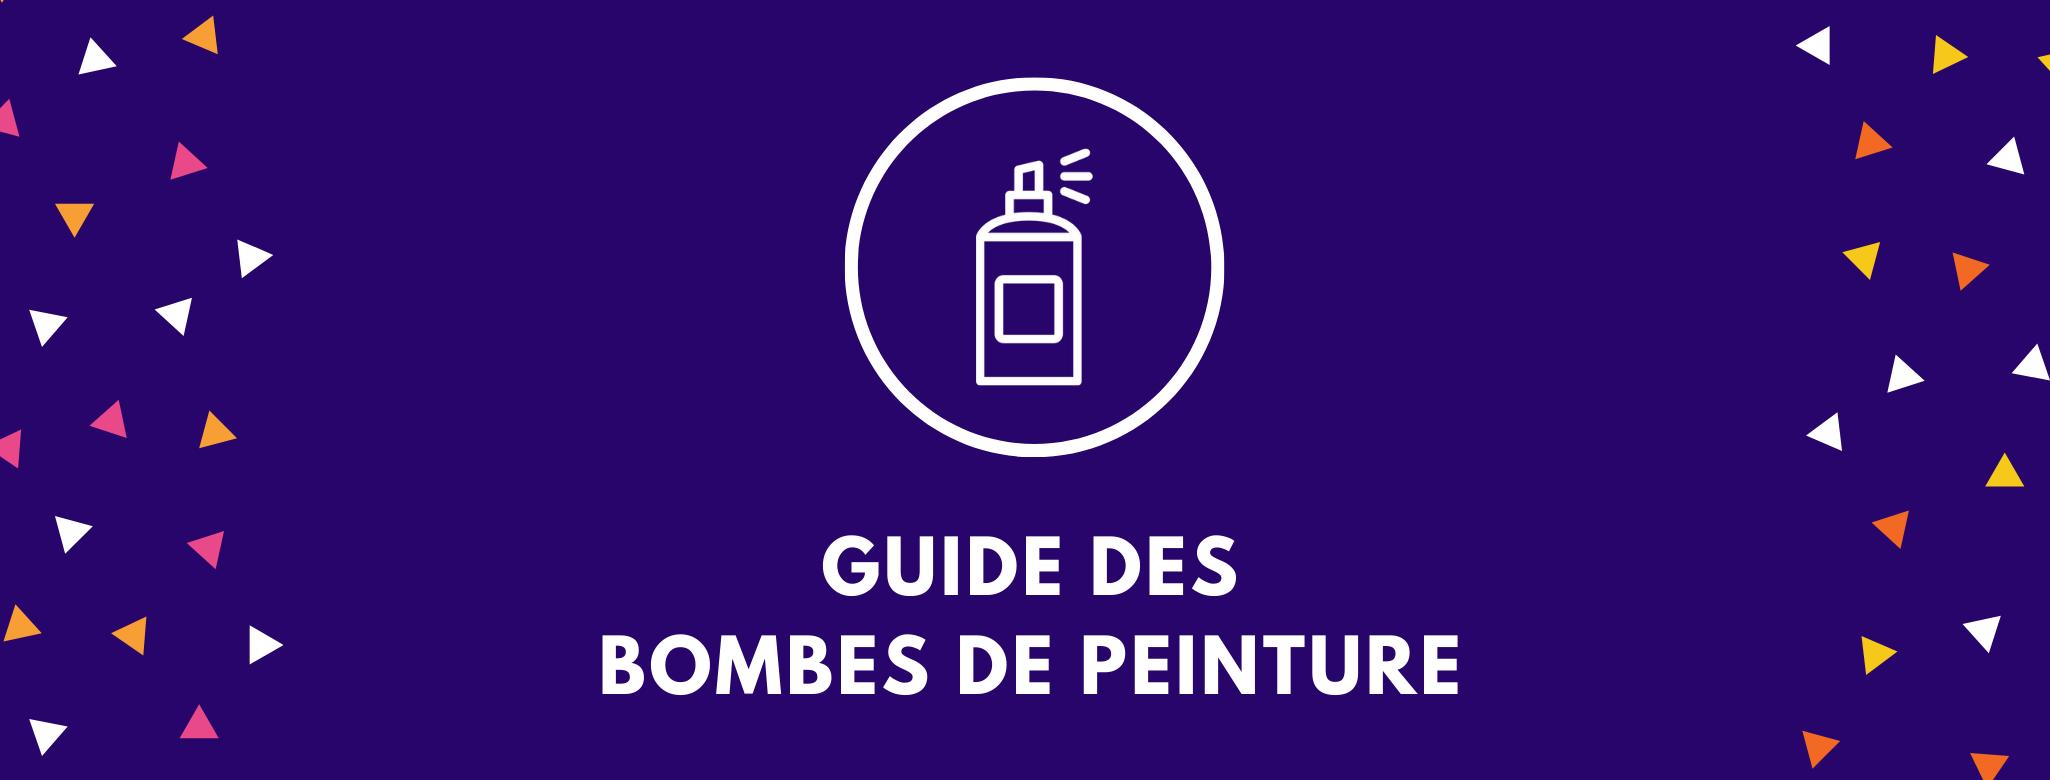 guide des bombes de peinture